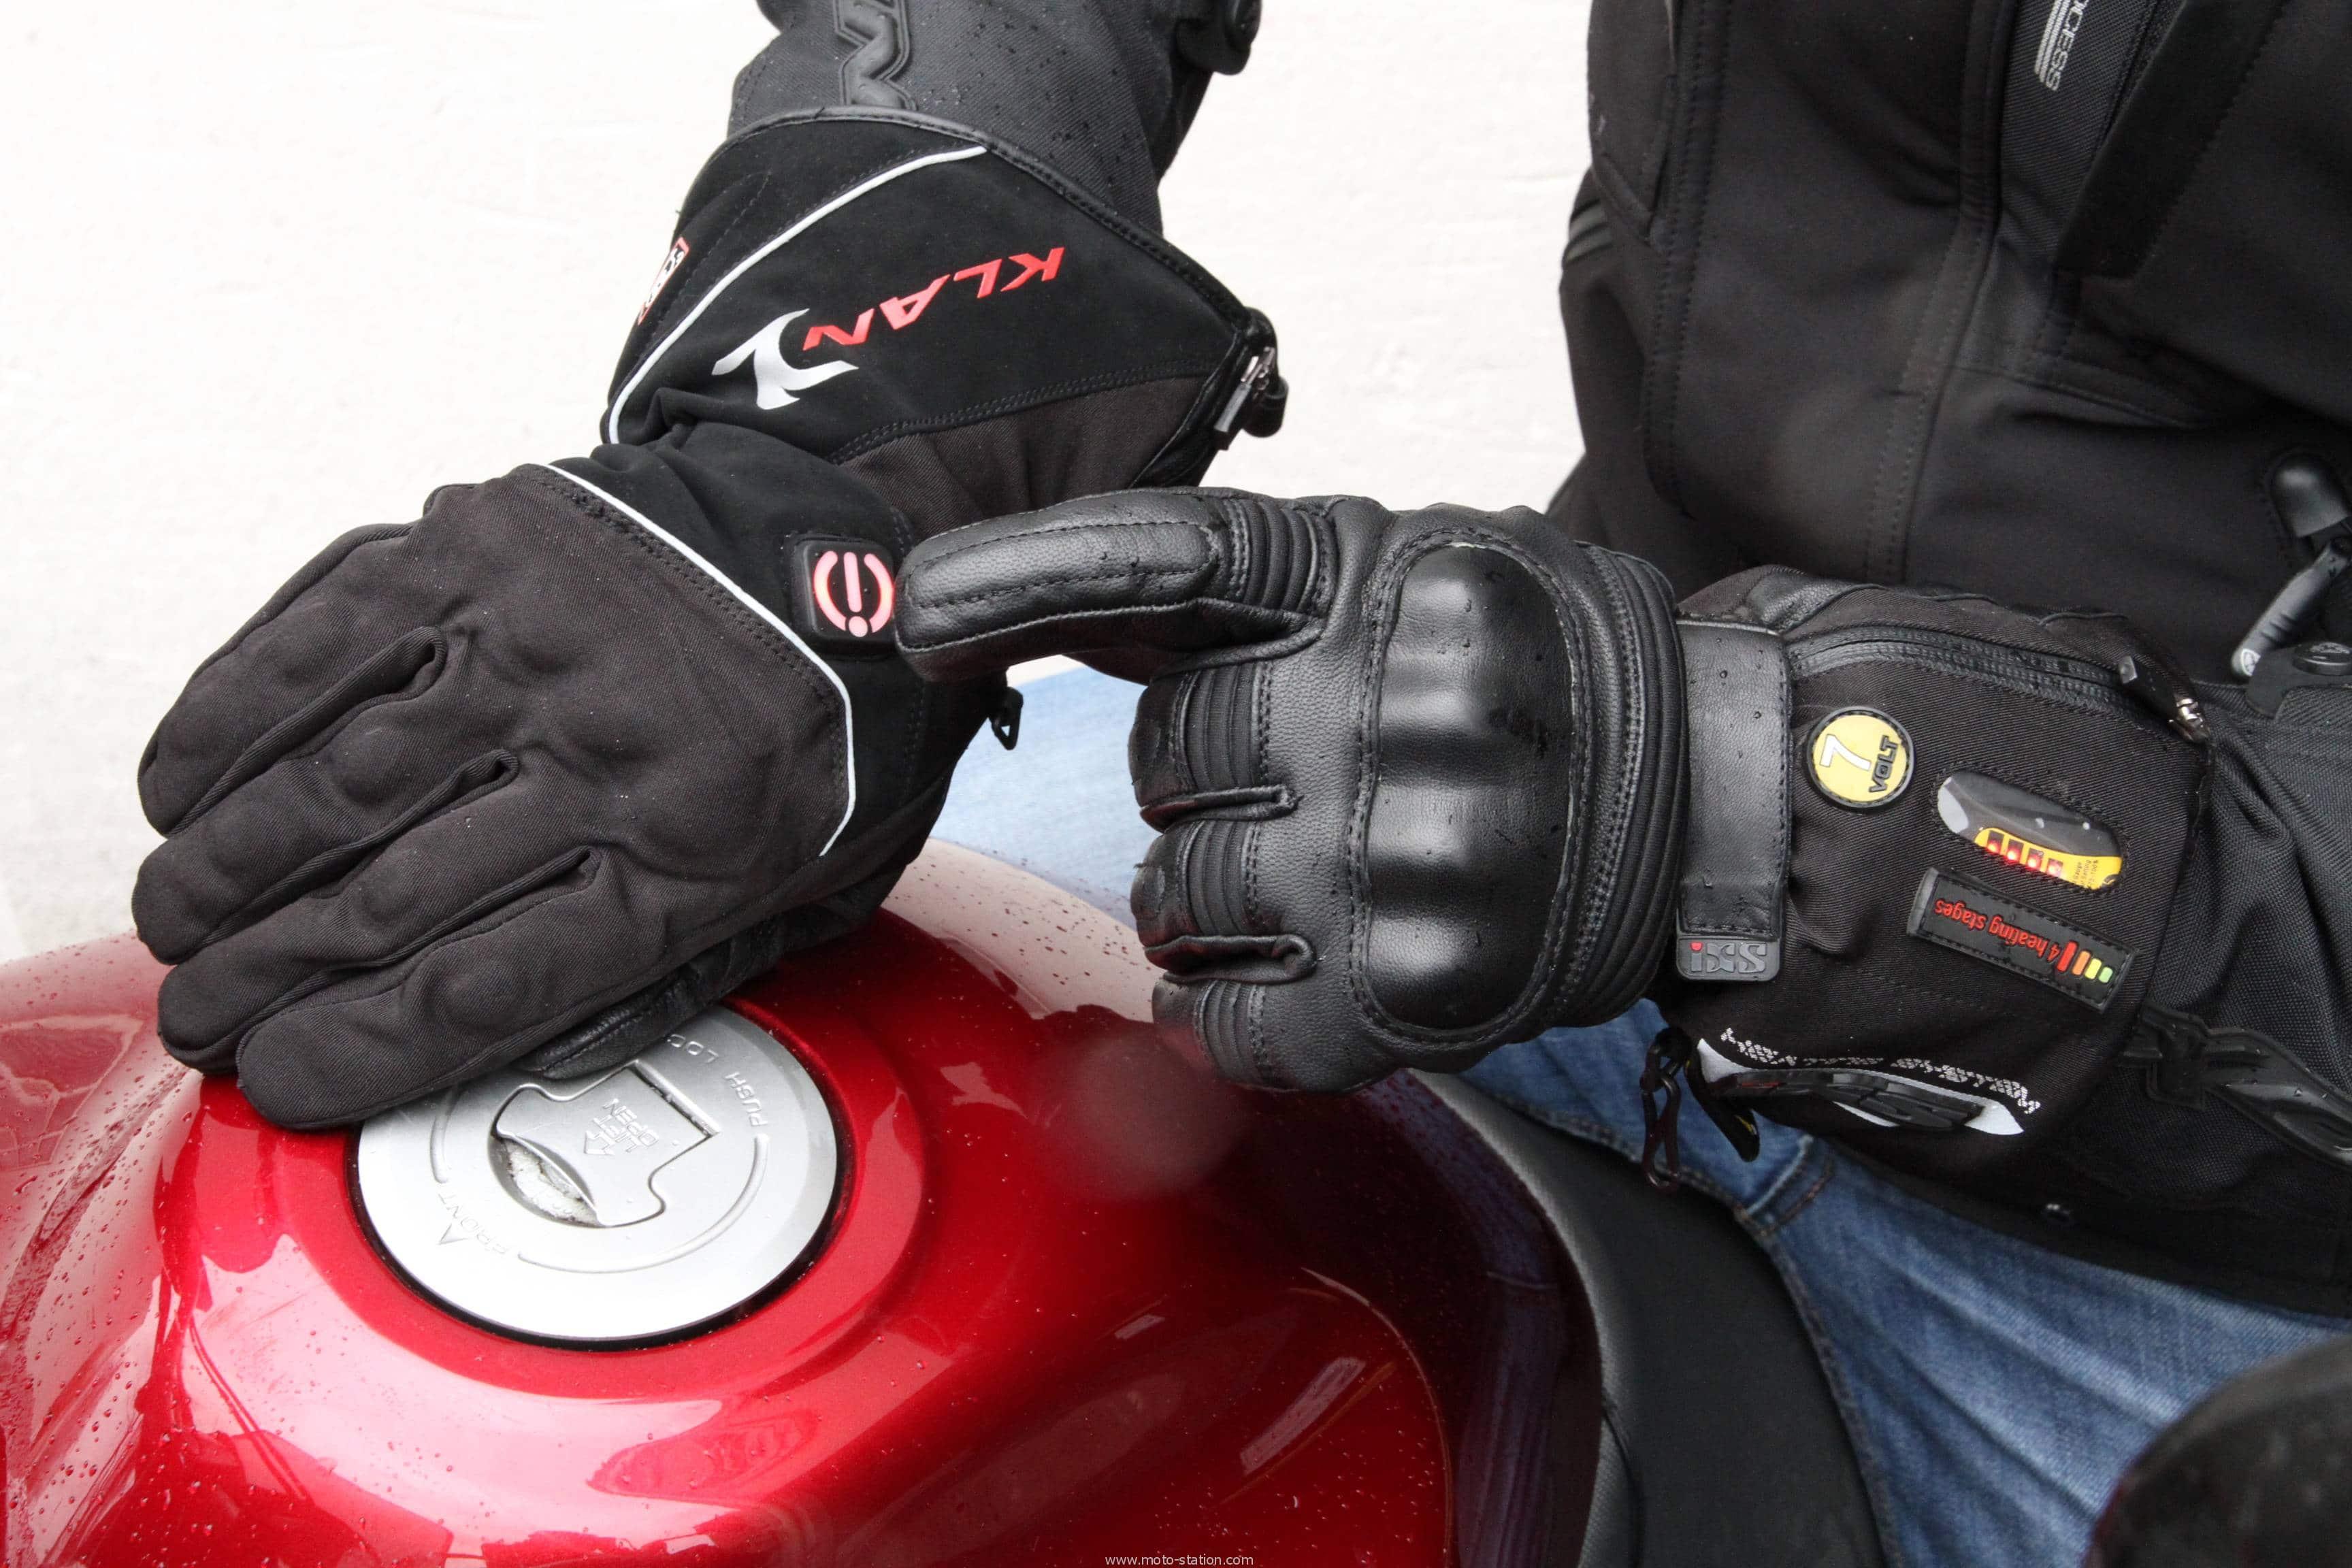 meilleurs gants moto chauffants